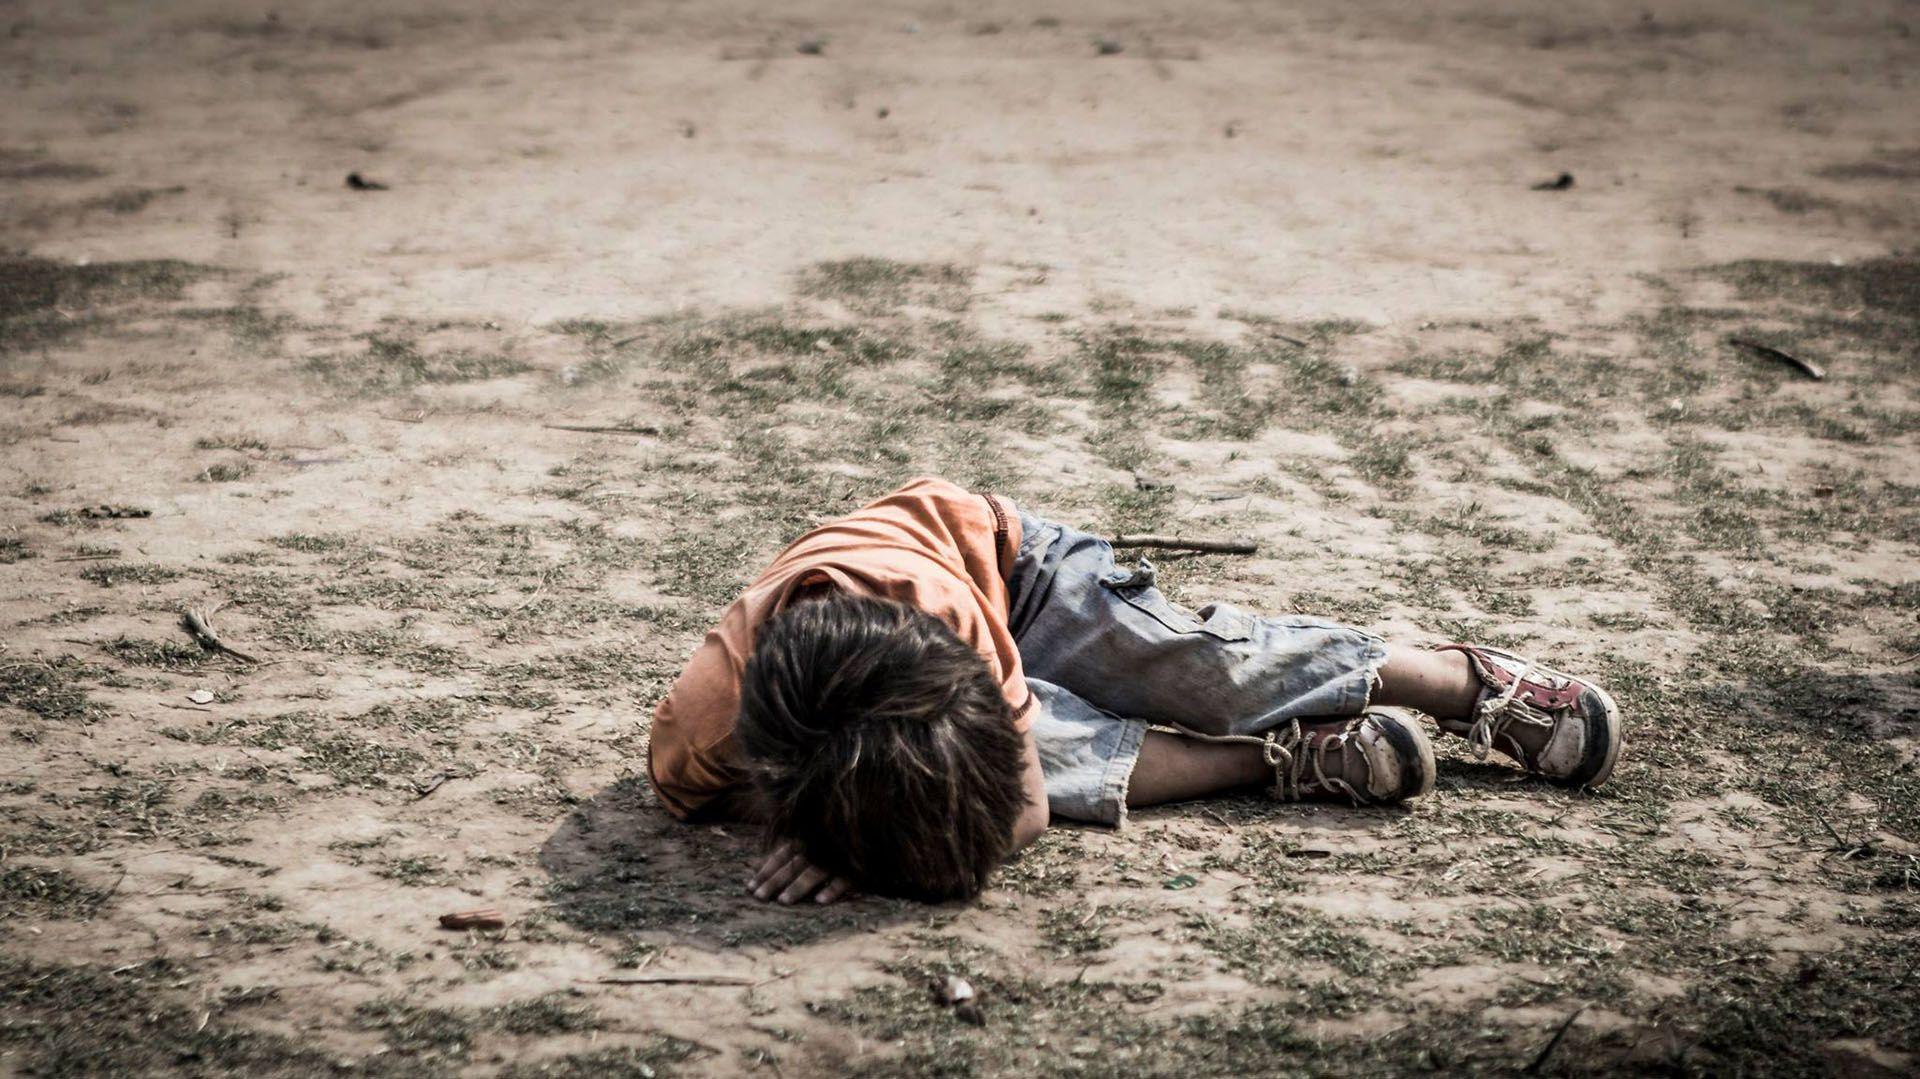 Las enfermedades desatendidas son un conjunto de enfermedades infecciosas, muchas de ellas parasitarias, que afectan a las poblaciones que viven en condiciones socioeconómicas de pobreza